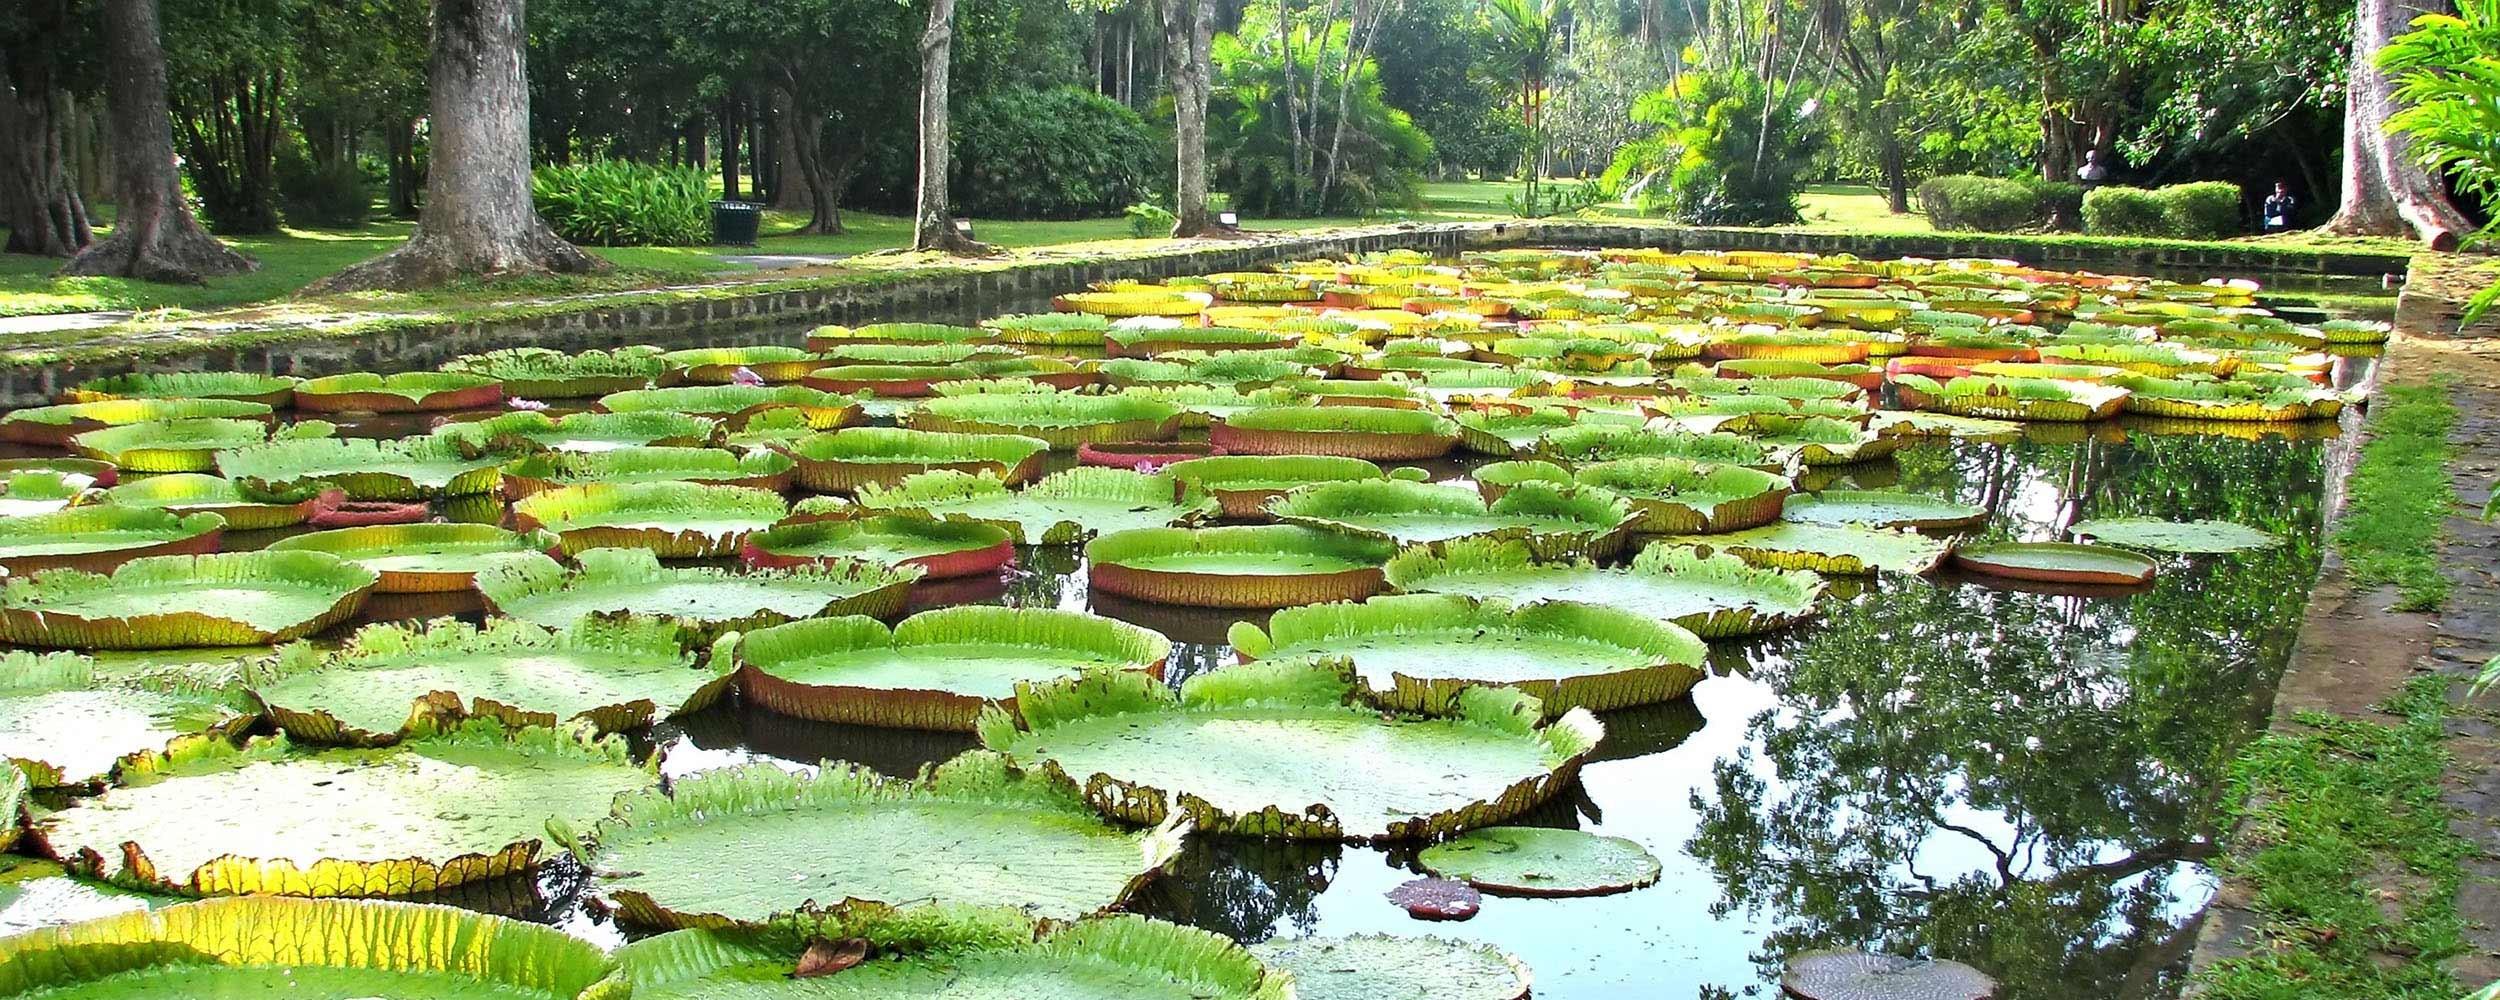 A l'Ile Maurice, un jardin luxuriant les Pamplemousses